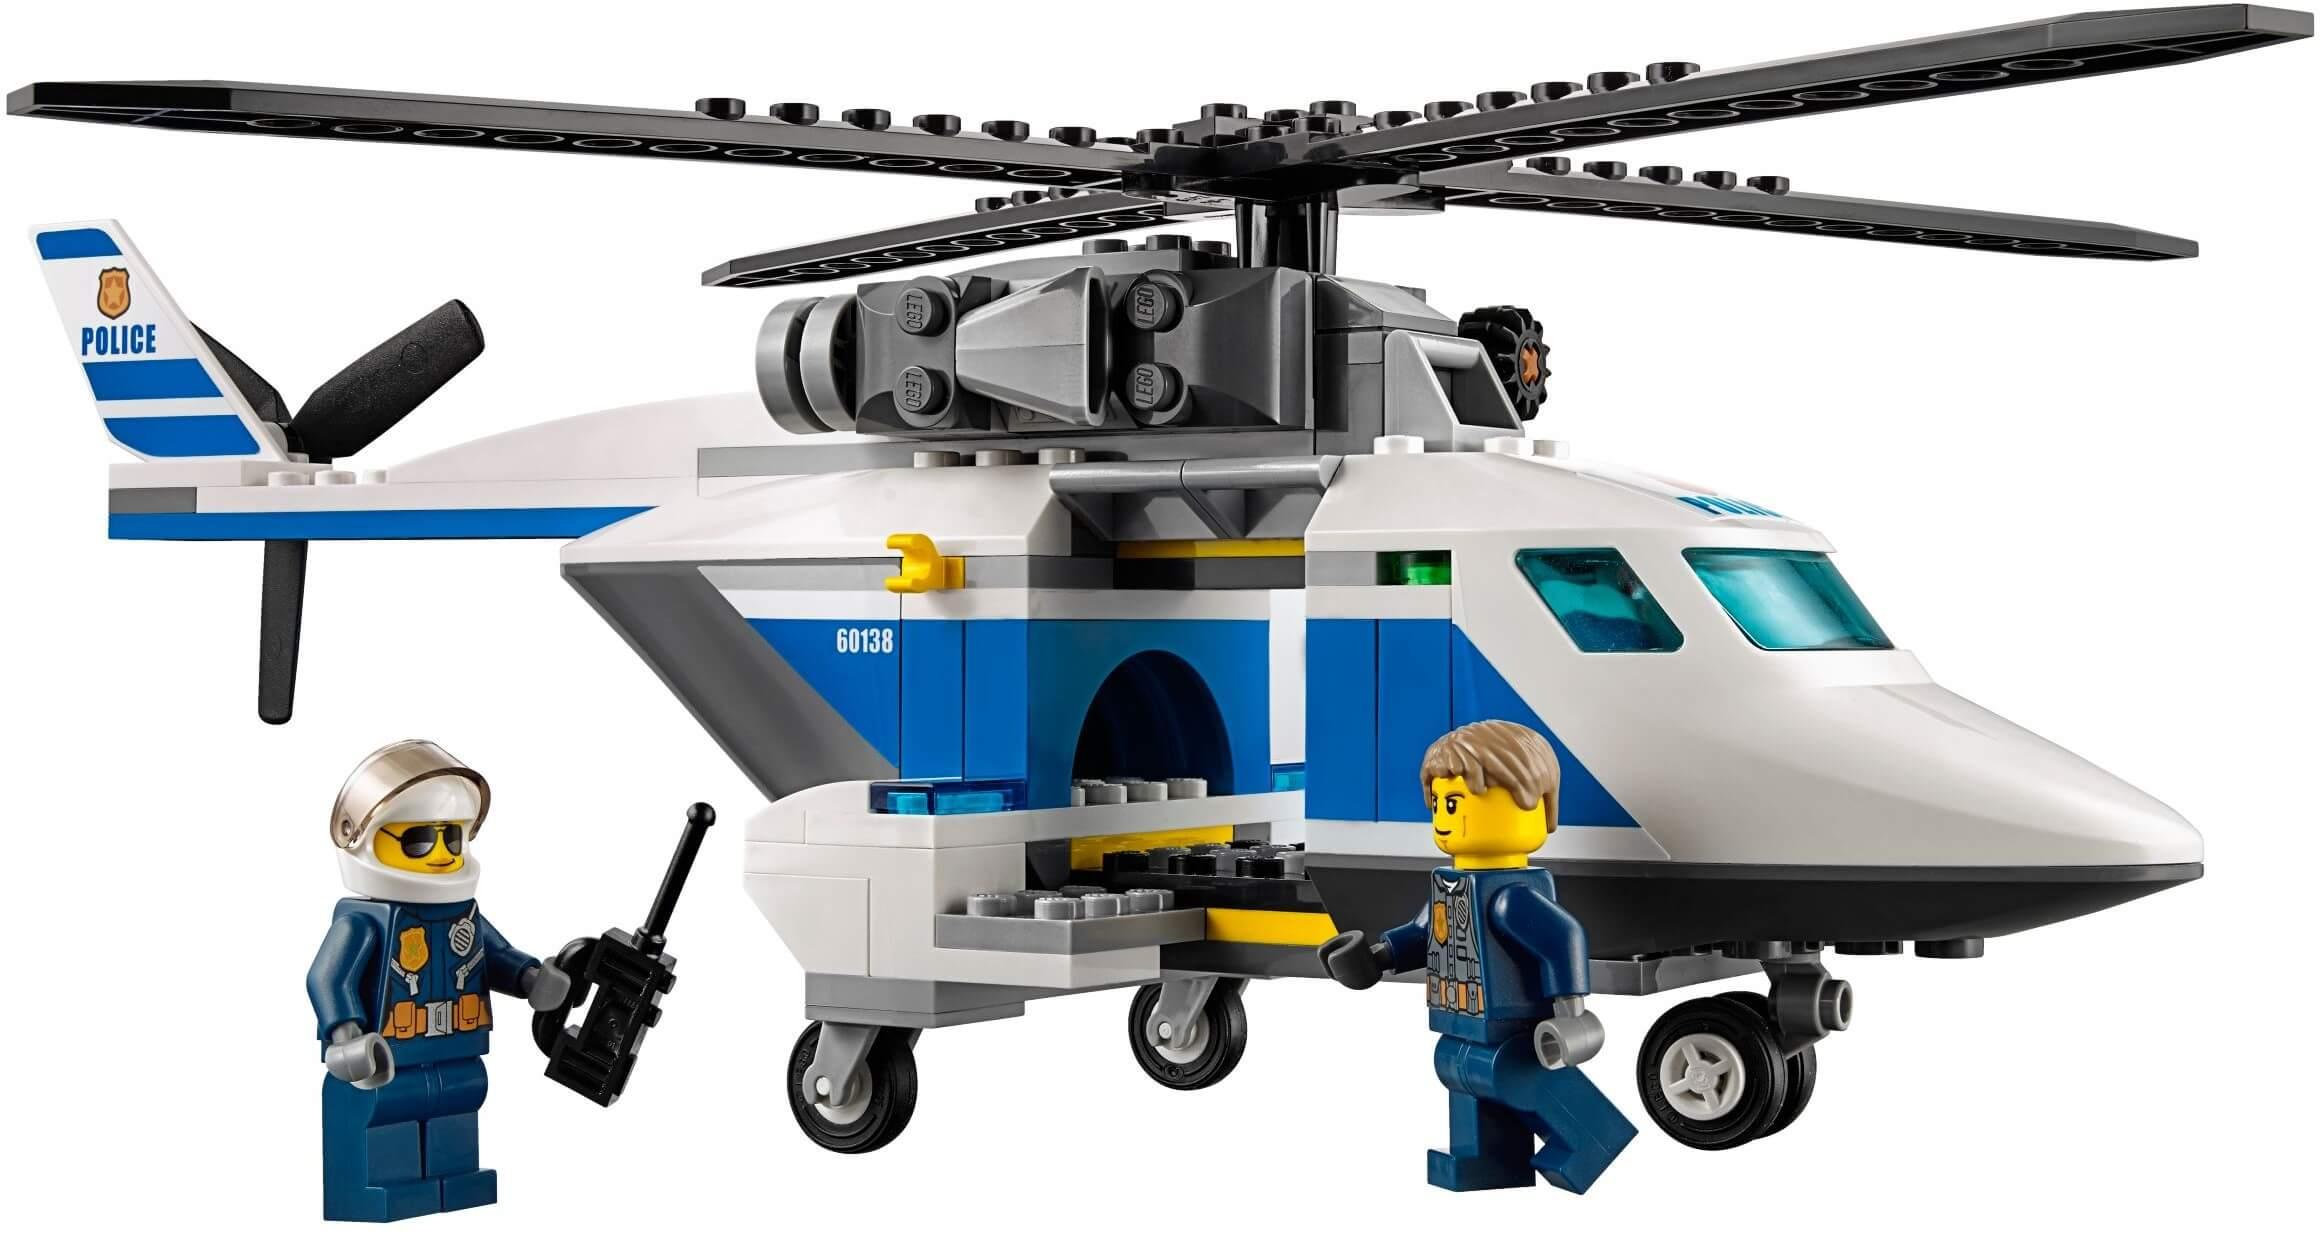 Mua đồ chơi LEGO 60138 - LEGO City 60138 - Đội Máy Bay và Xe Cảnh Sát (LEGO 60138 High-speed Chase)